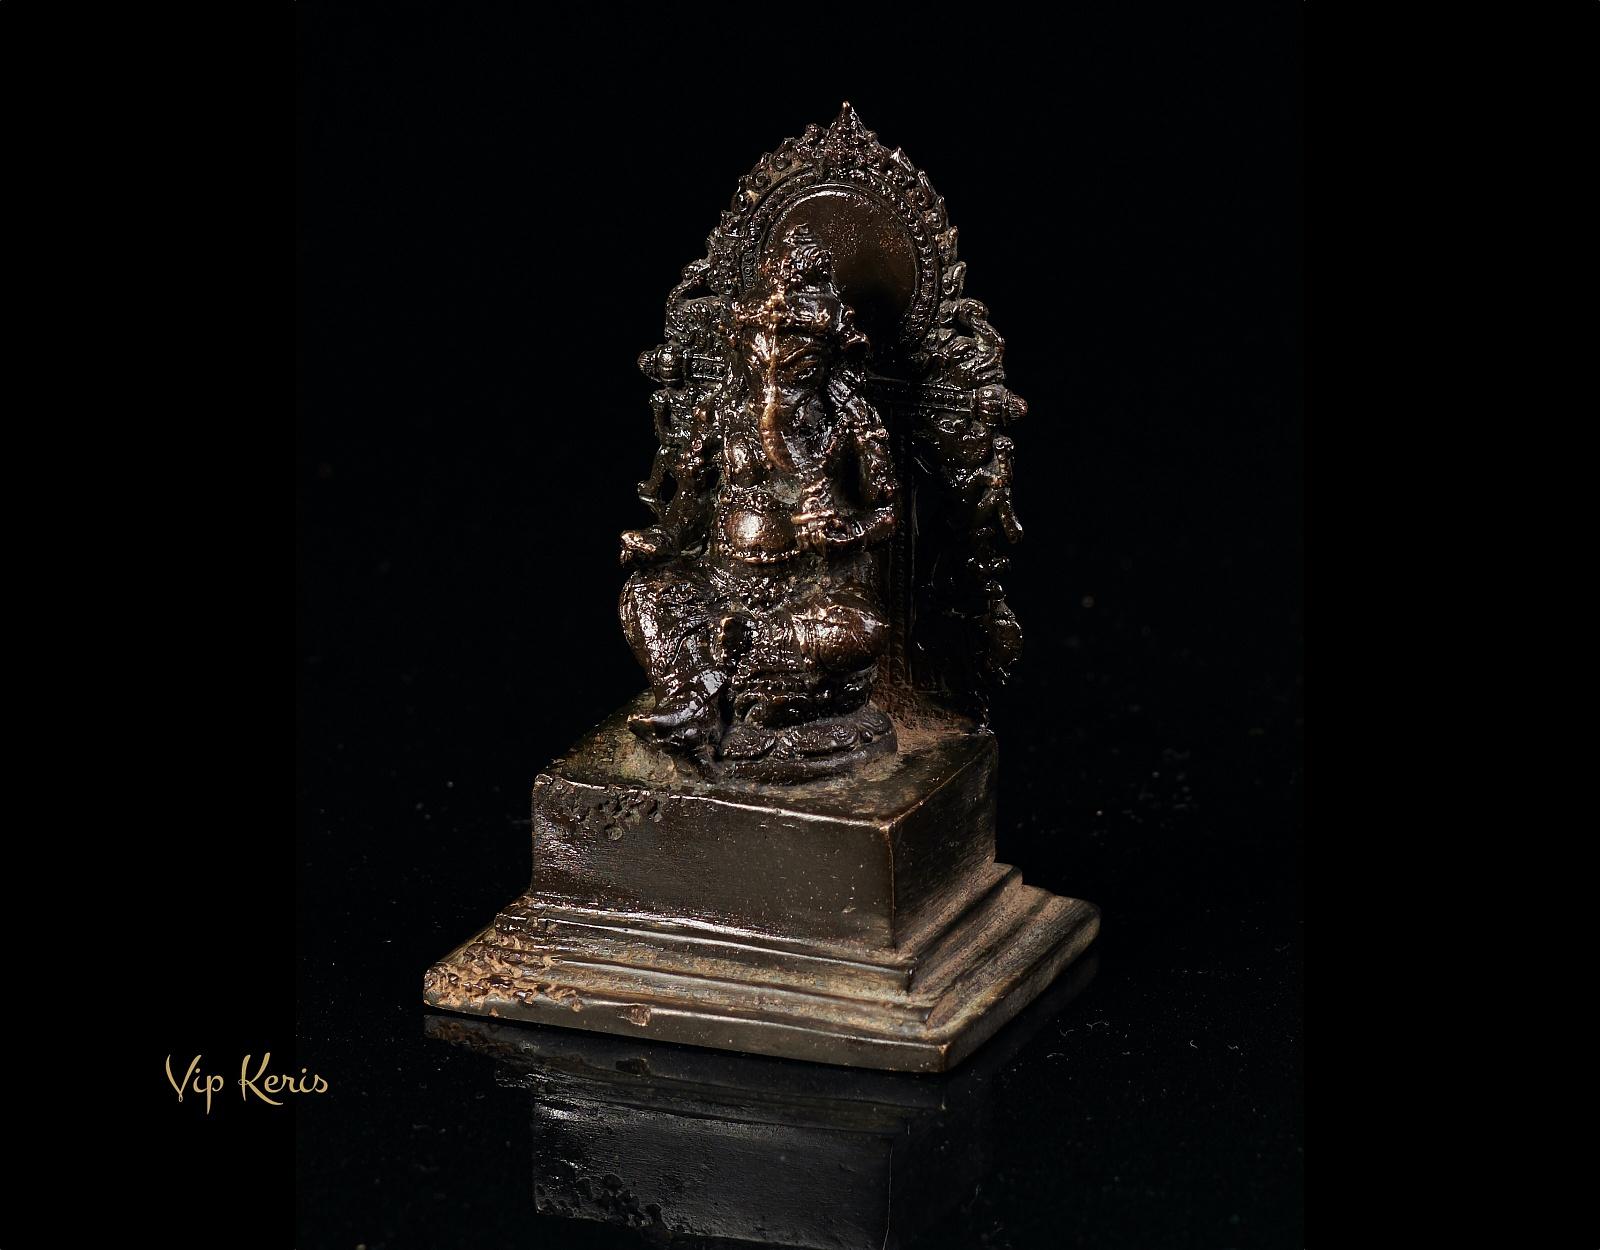 Алтарная статуя Ганеша в медитации. фото VipKeris